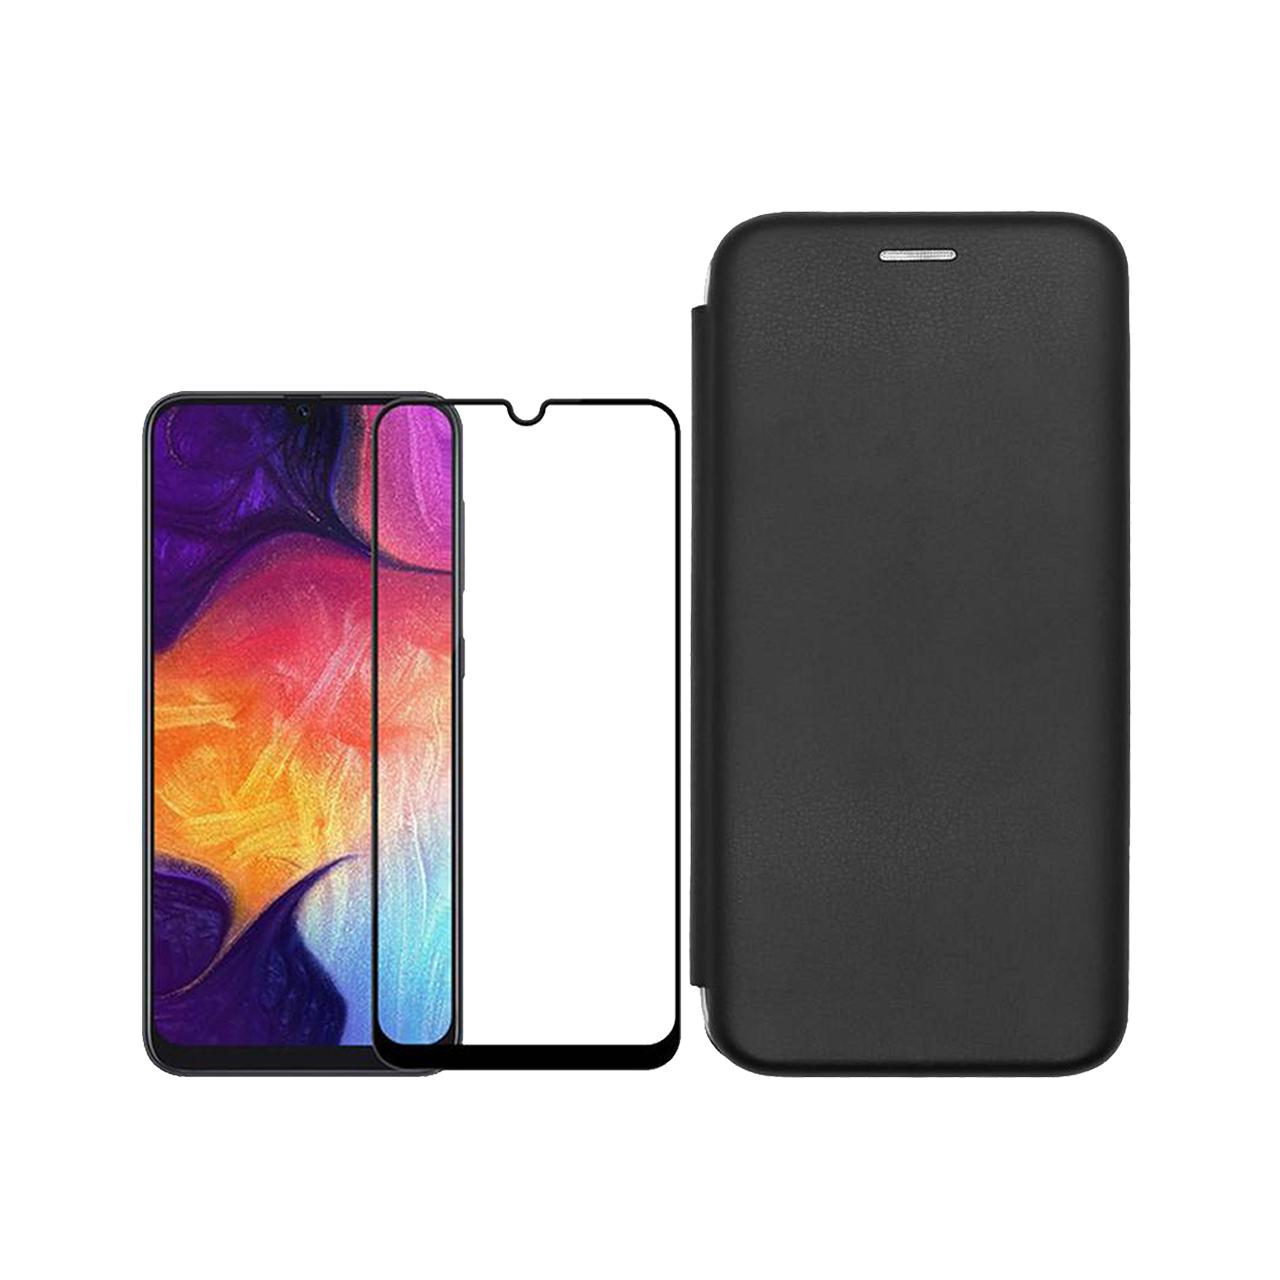 کیف کلاسوری مسیر مدل MMGNT-MGF-1 مناسب برای گوشی موبایل سامسونگ Galaxy M30 به همراه محافظ صفحه نمایش